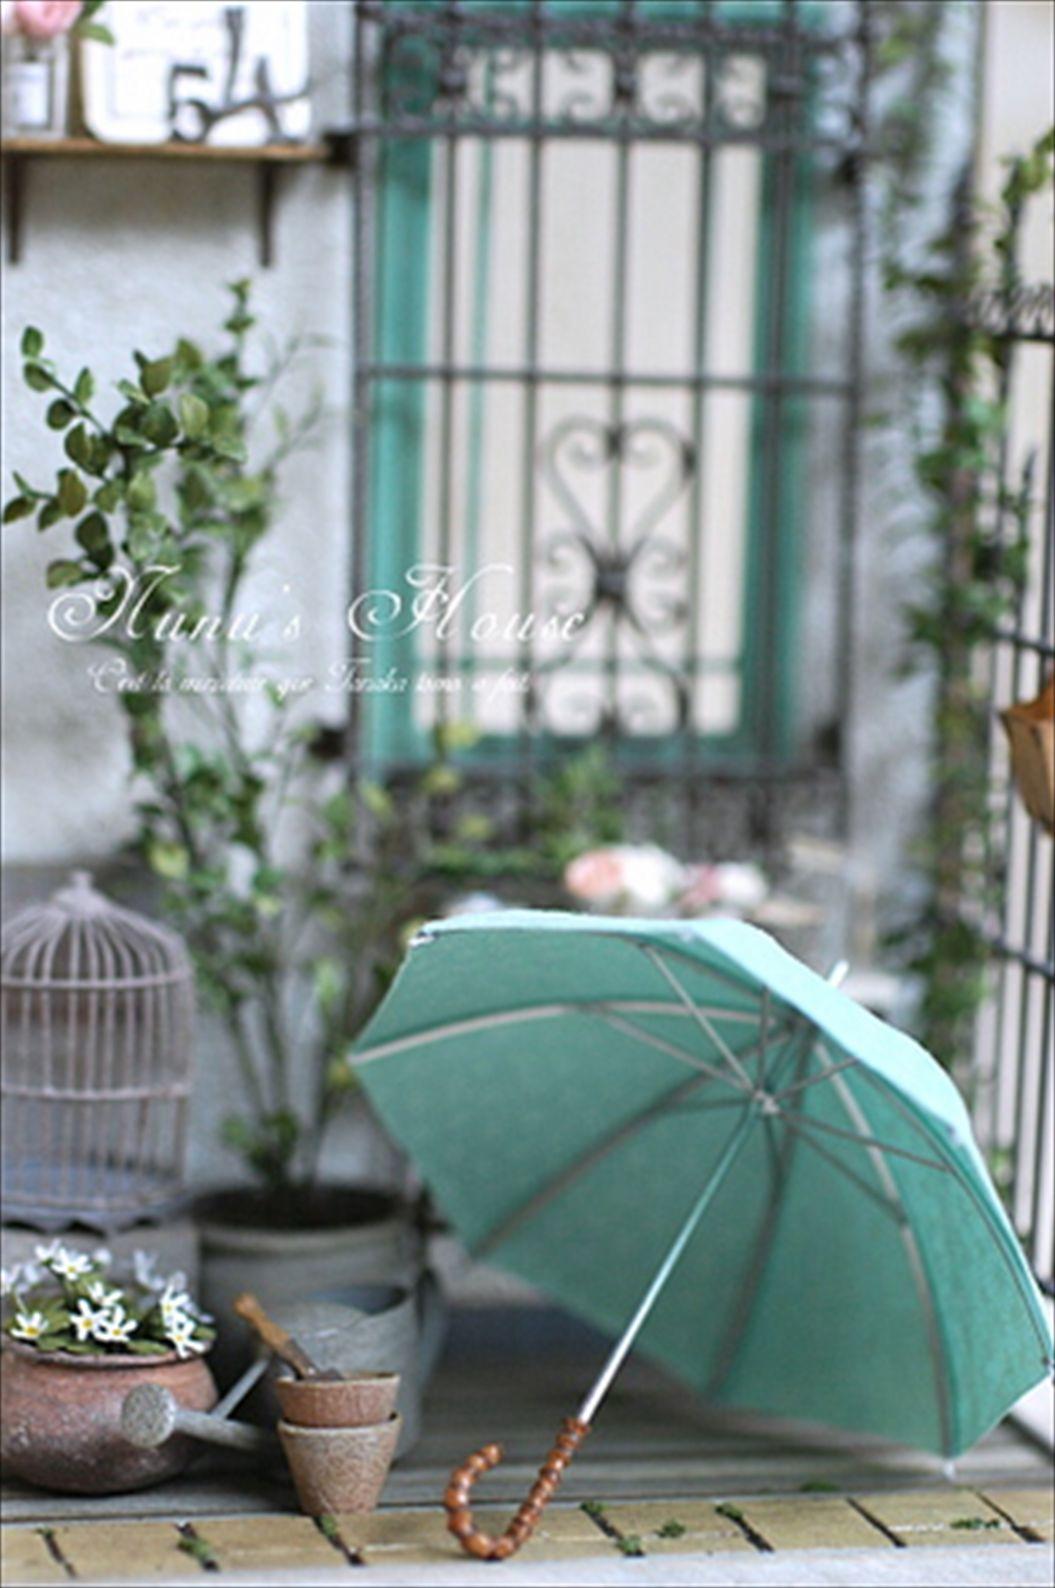 FireShot Capture 327 - ギャラリー - http___www.geocities.jp_koapin1225_CCP.html8_R